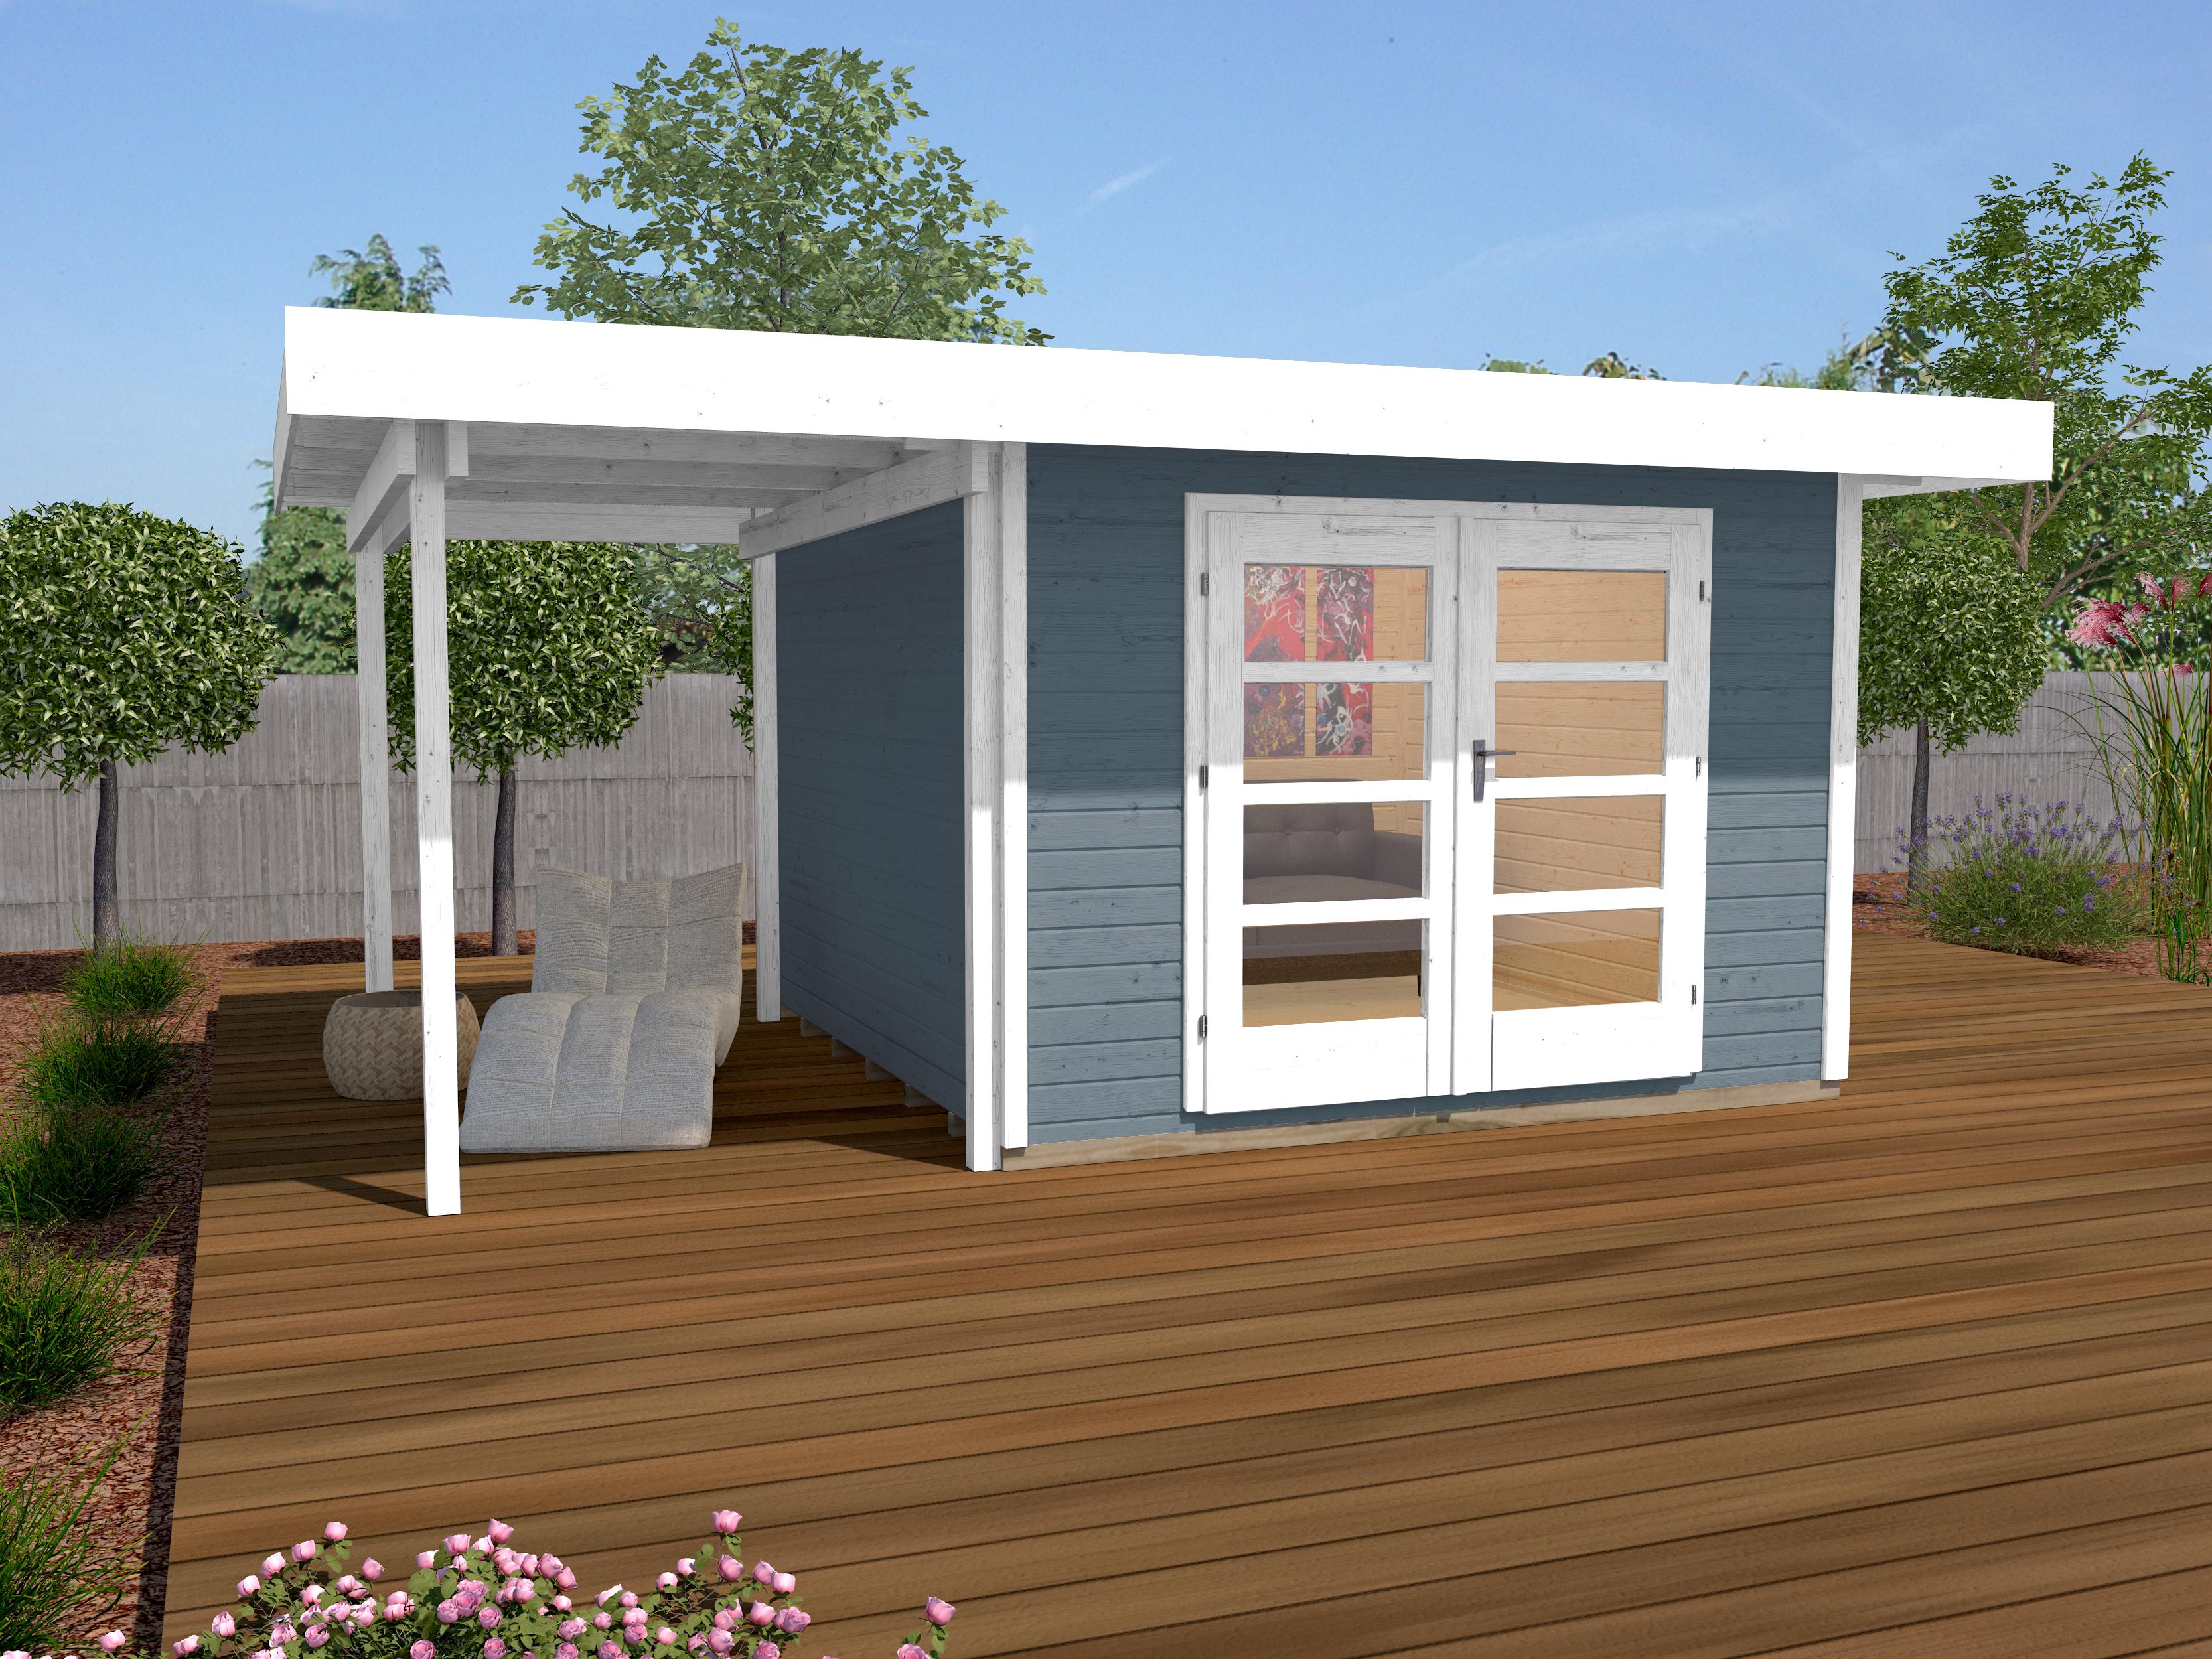 Abri De Jardin Design Toit Plat Avec Auvent Coté - Abri Bois De 10 À 15 M²  Nea Concept à Abri Bois Toit Plat